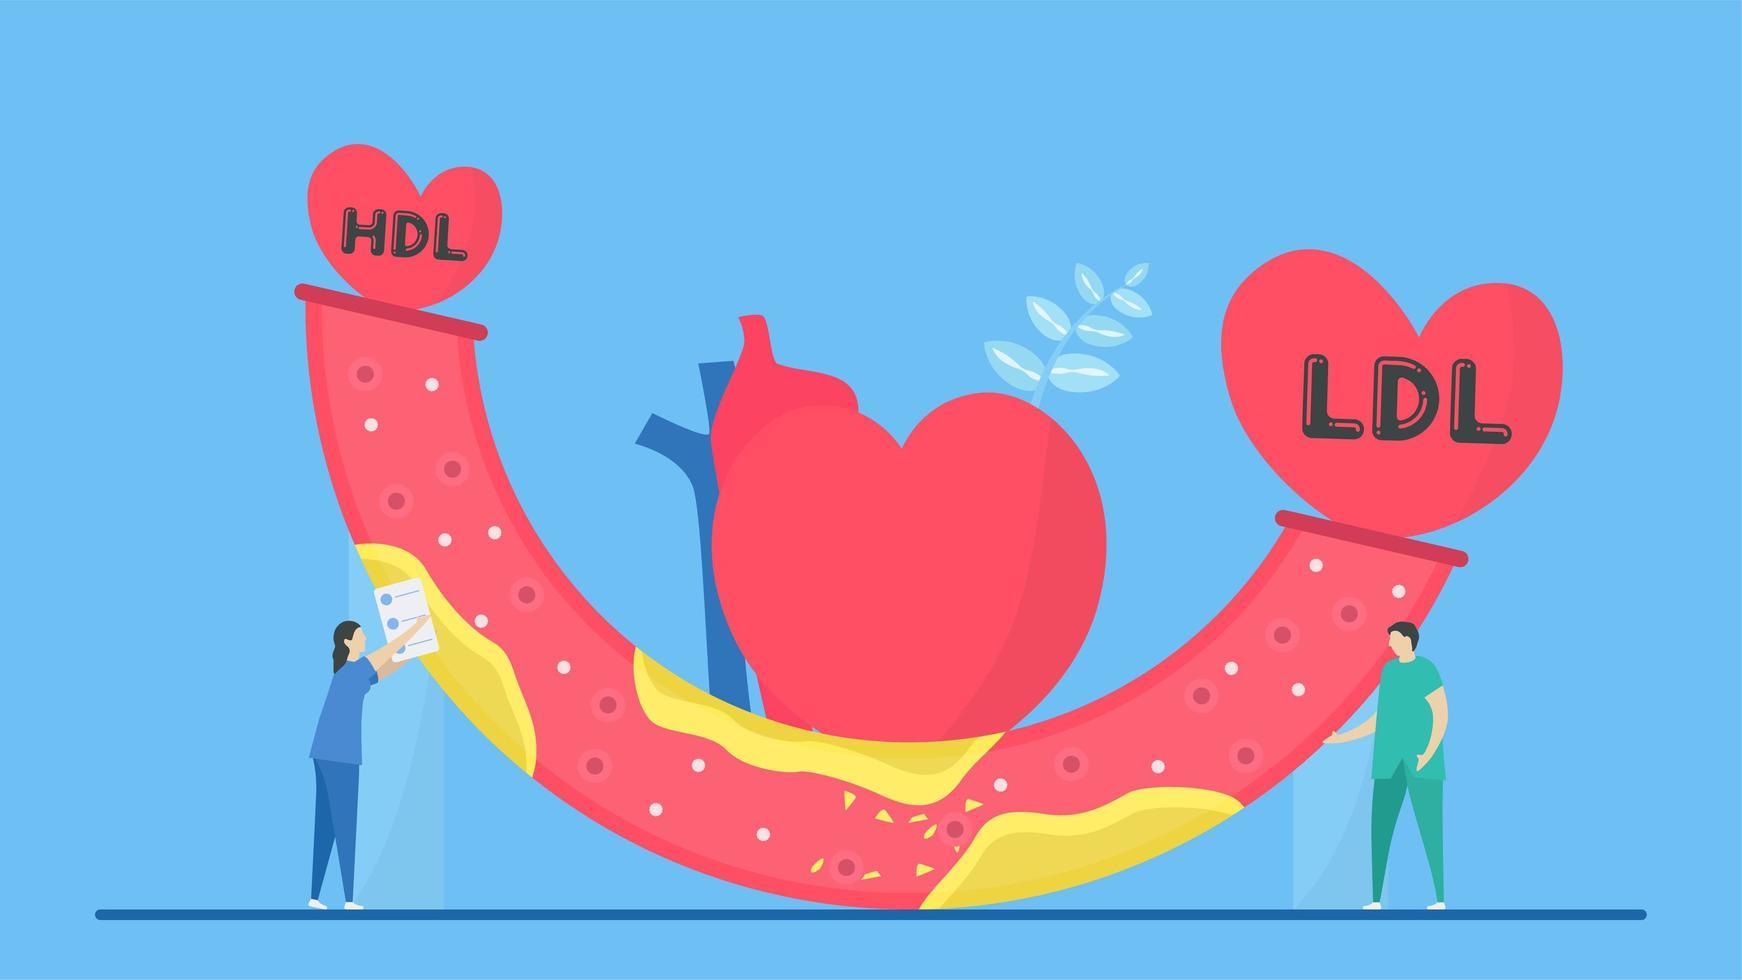 concept d'athérosclérose avec artère hdl et ldl vecteur